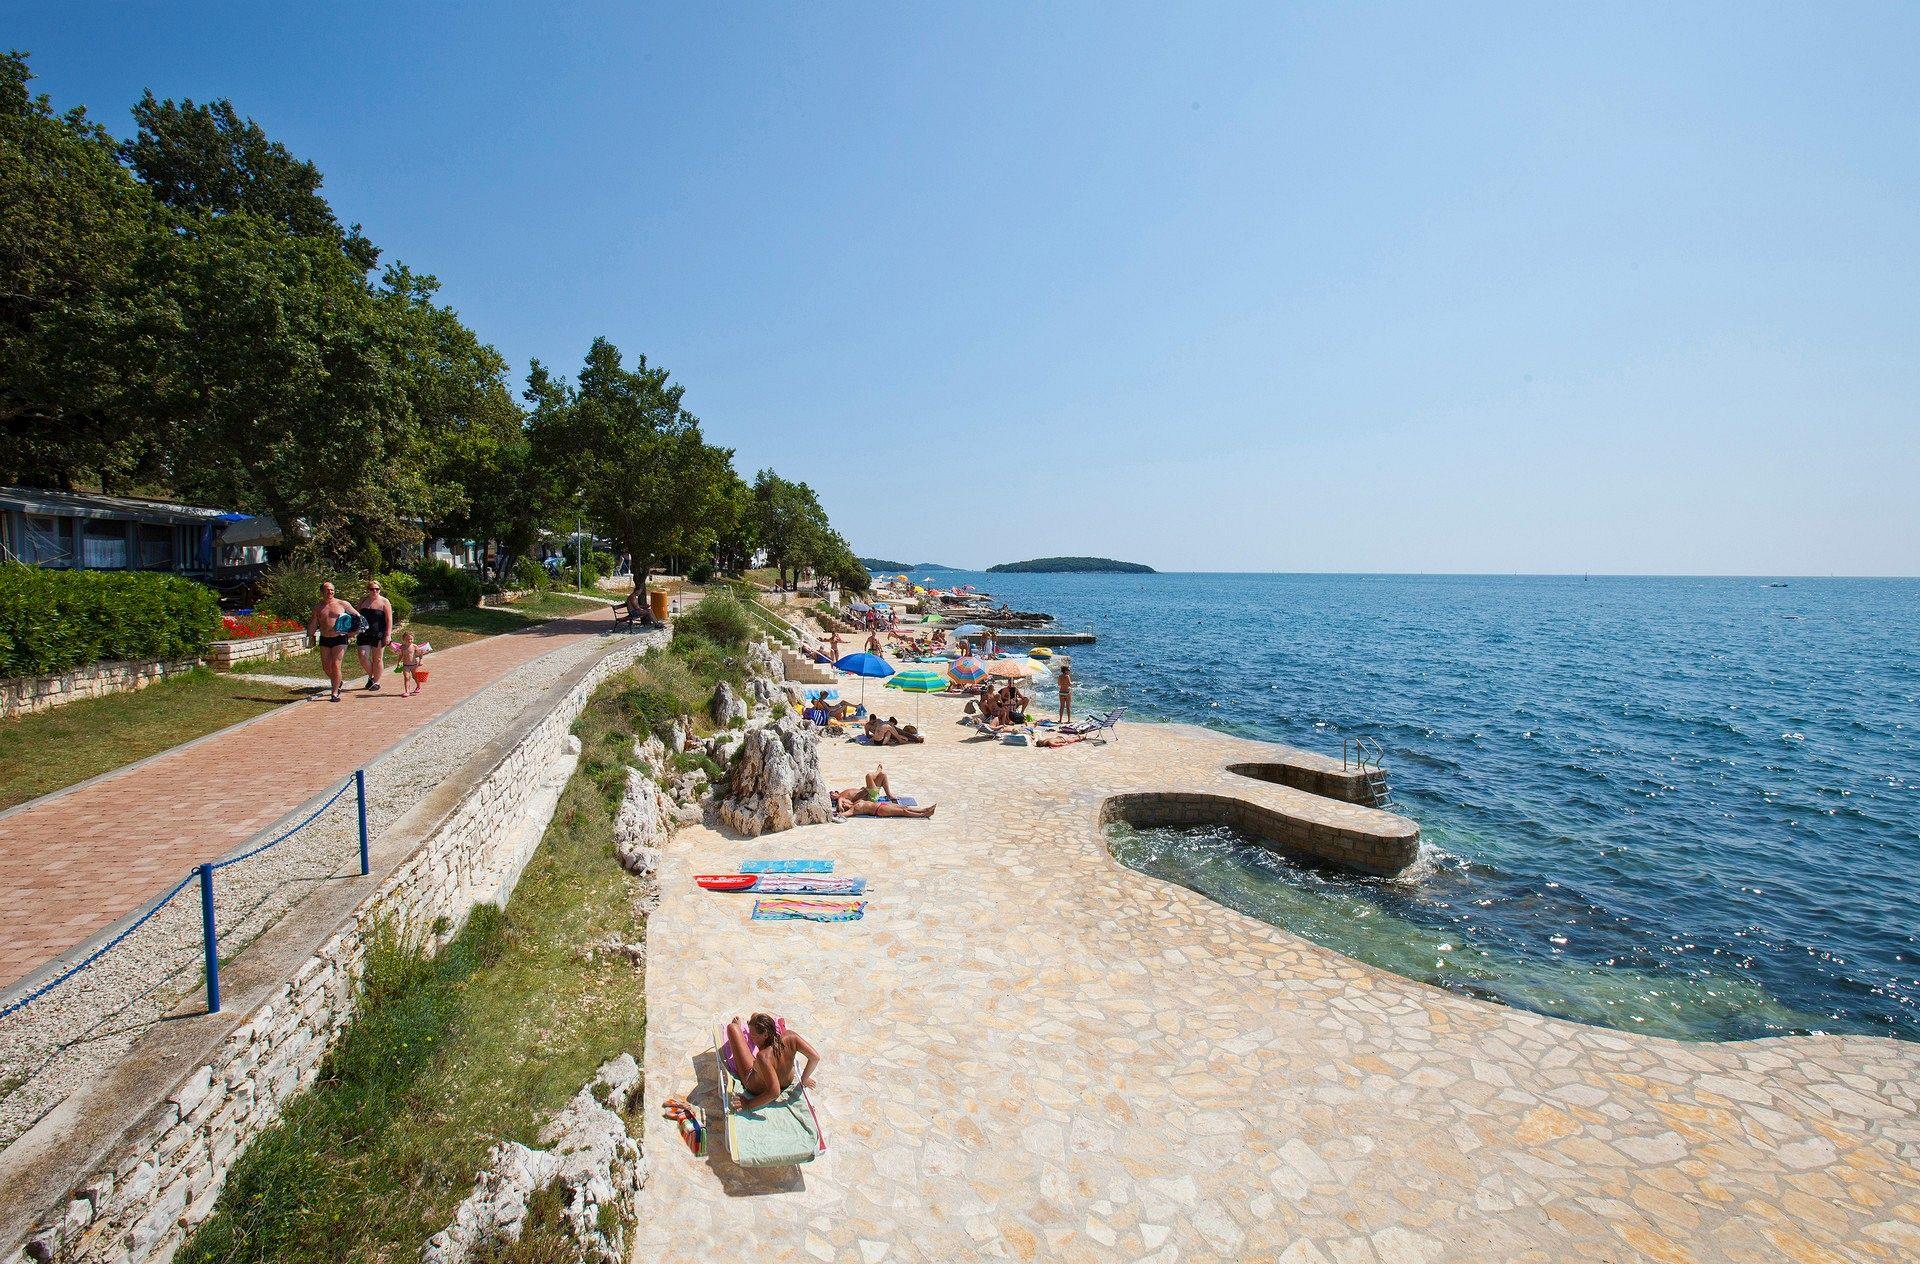 Strand des Campingplatzes Zelena Laguna - Funtana, Istrien